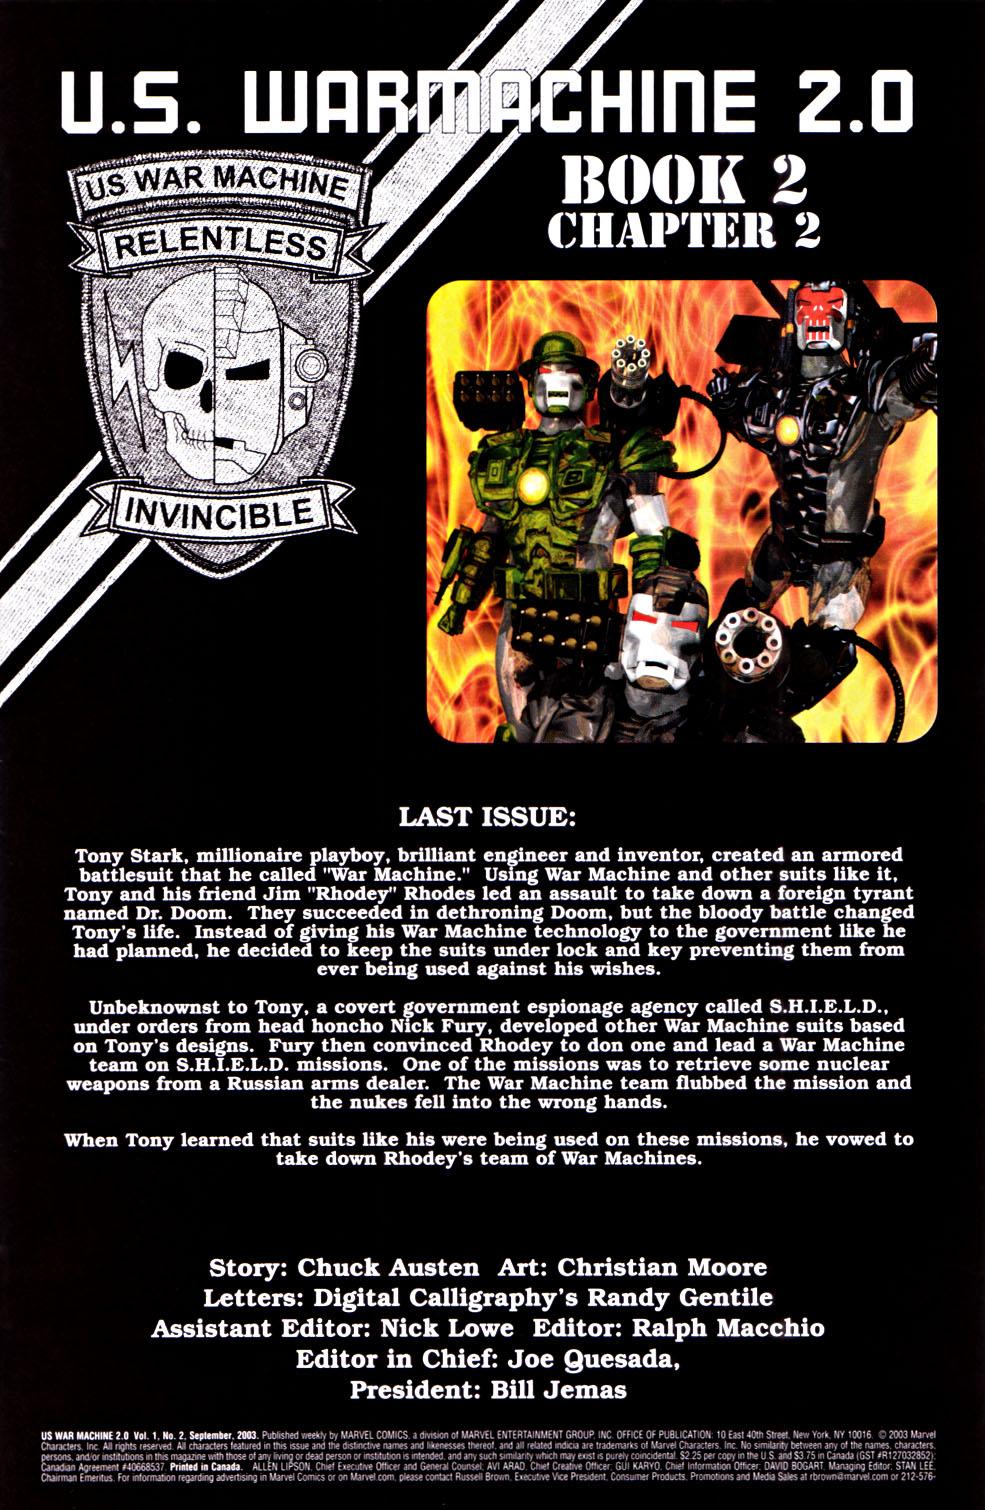 Read online U.S. War Machine 2.0 comic -  Issue #2 - 2